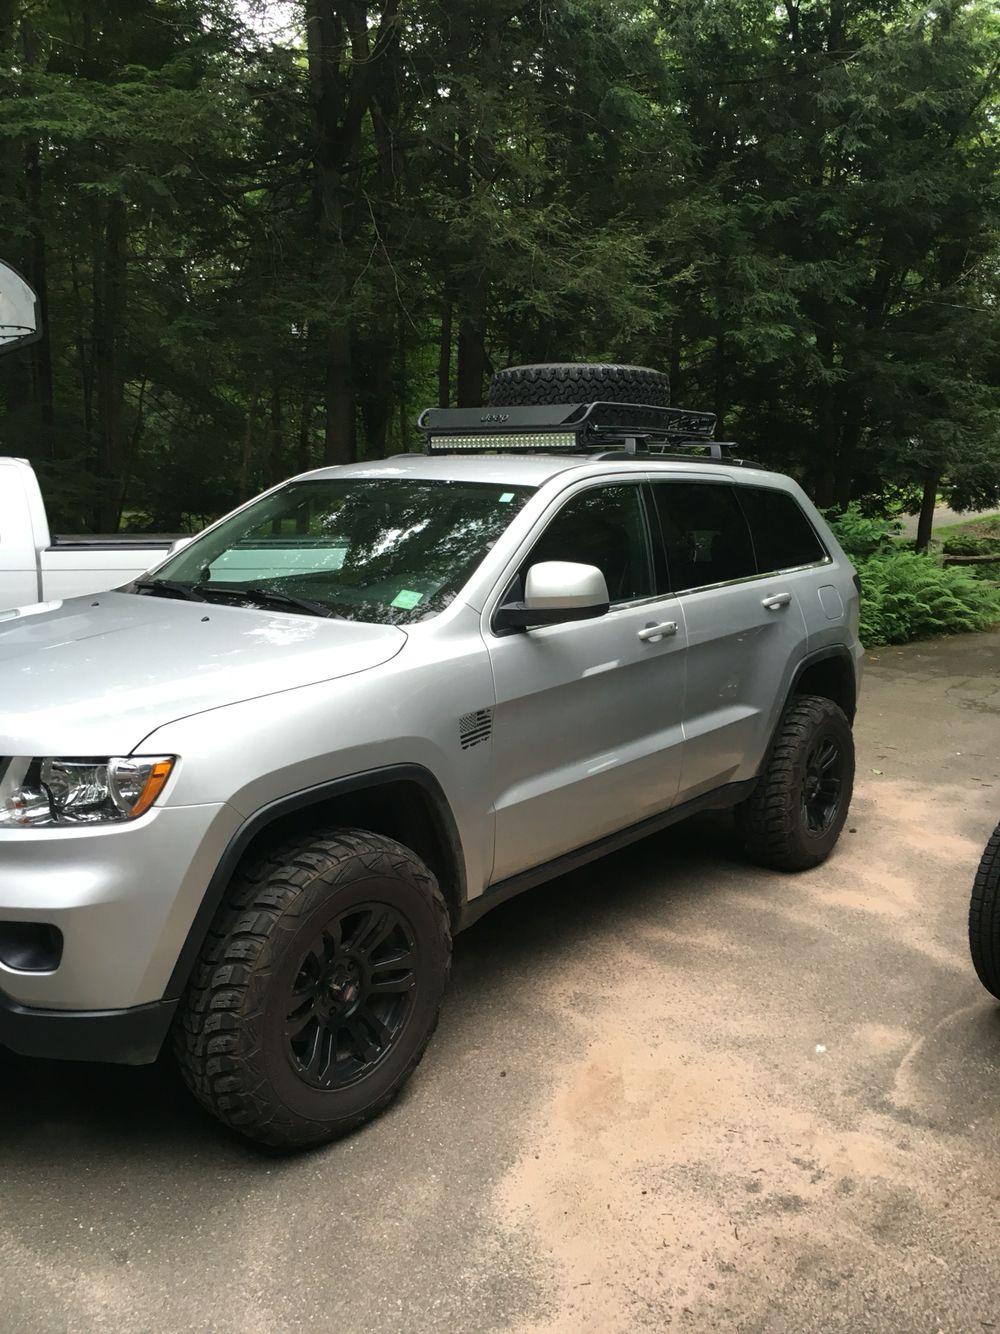 2014 Jeep Grand Cherokee Lifted : grand, cherokee, lifted, Grand, Cherokee, Lifted, Black, Wheel, 265/70r17, Kumho, Venture, Cargo, Carrier, Cherokee,, Diesel,